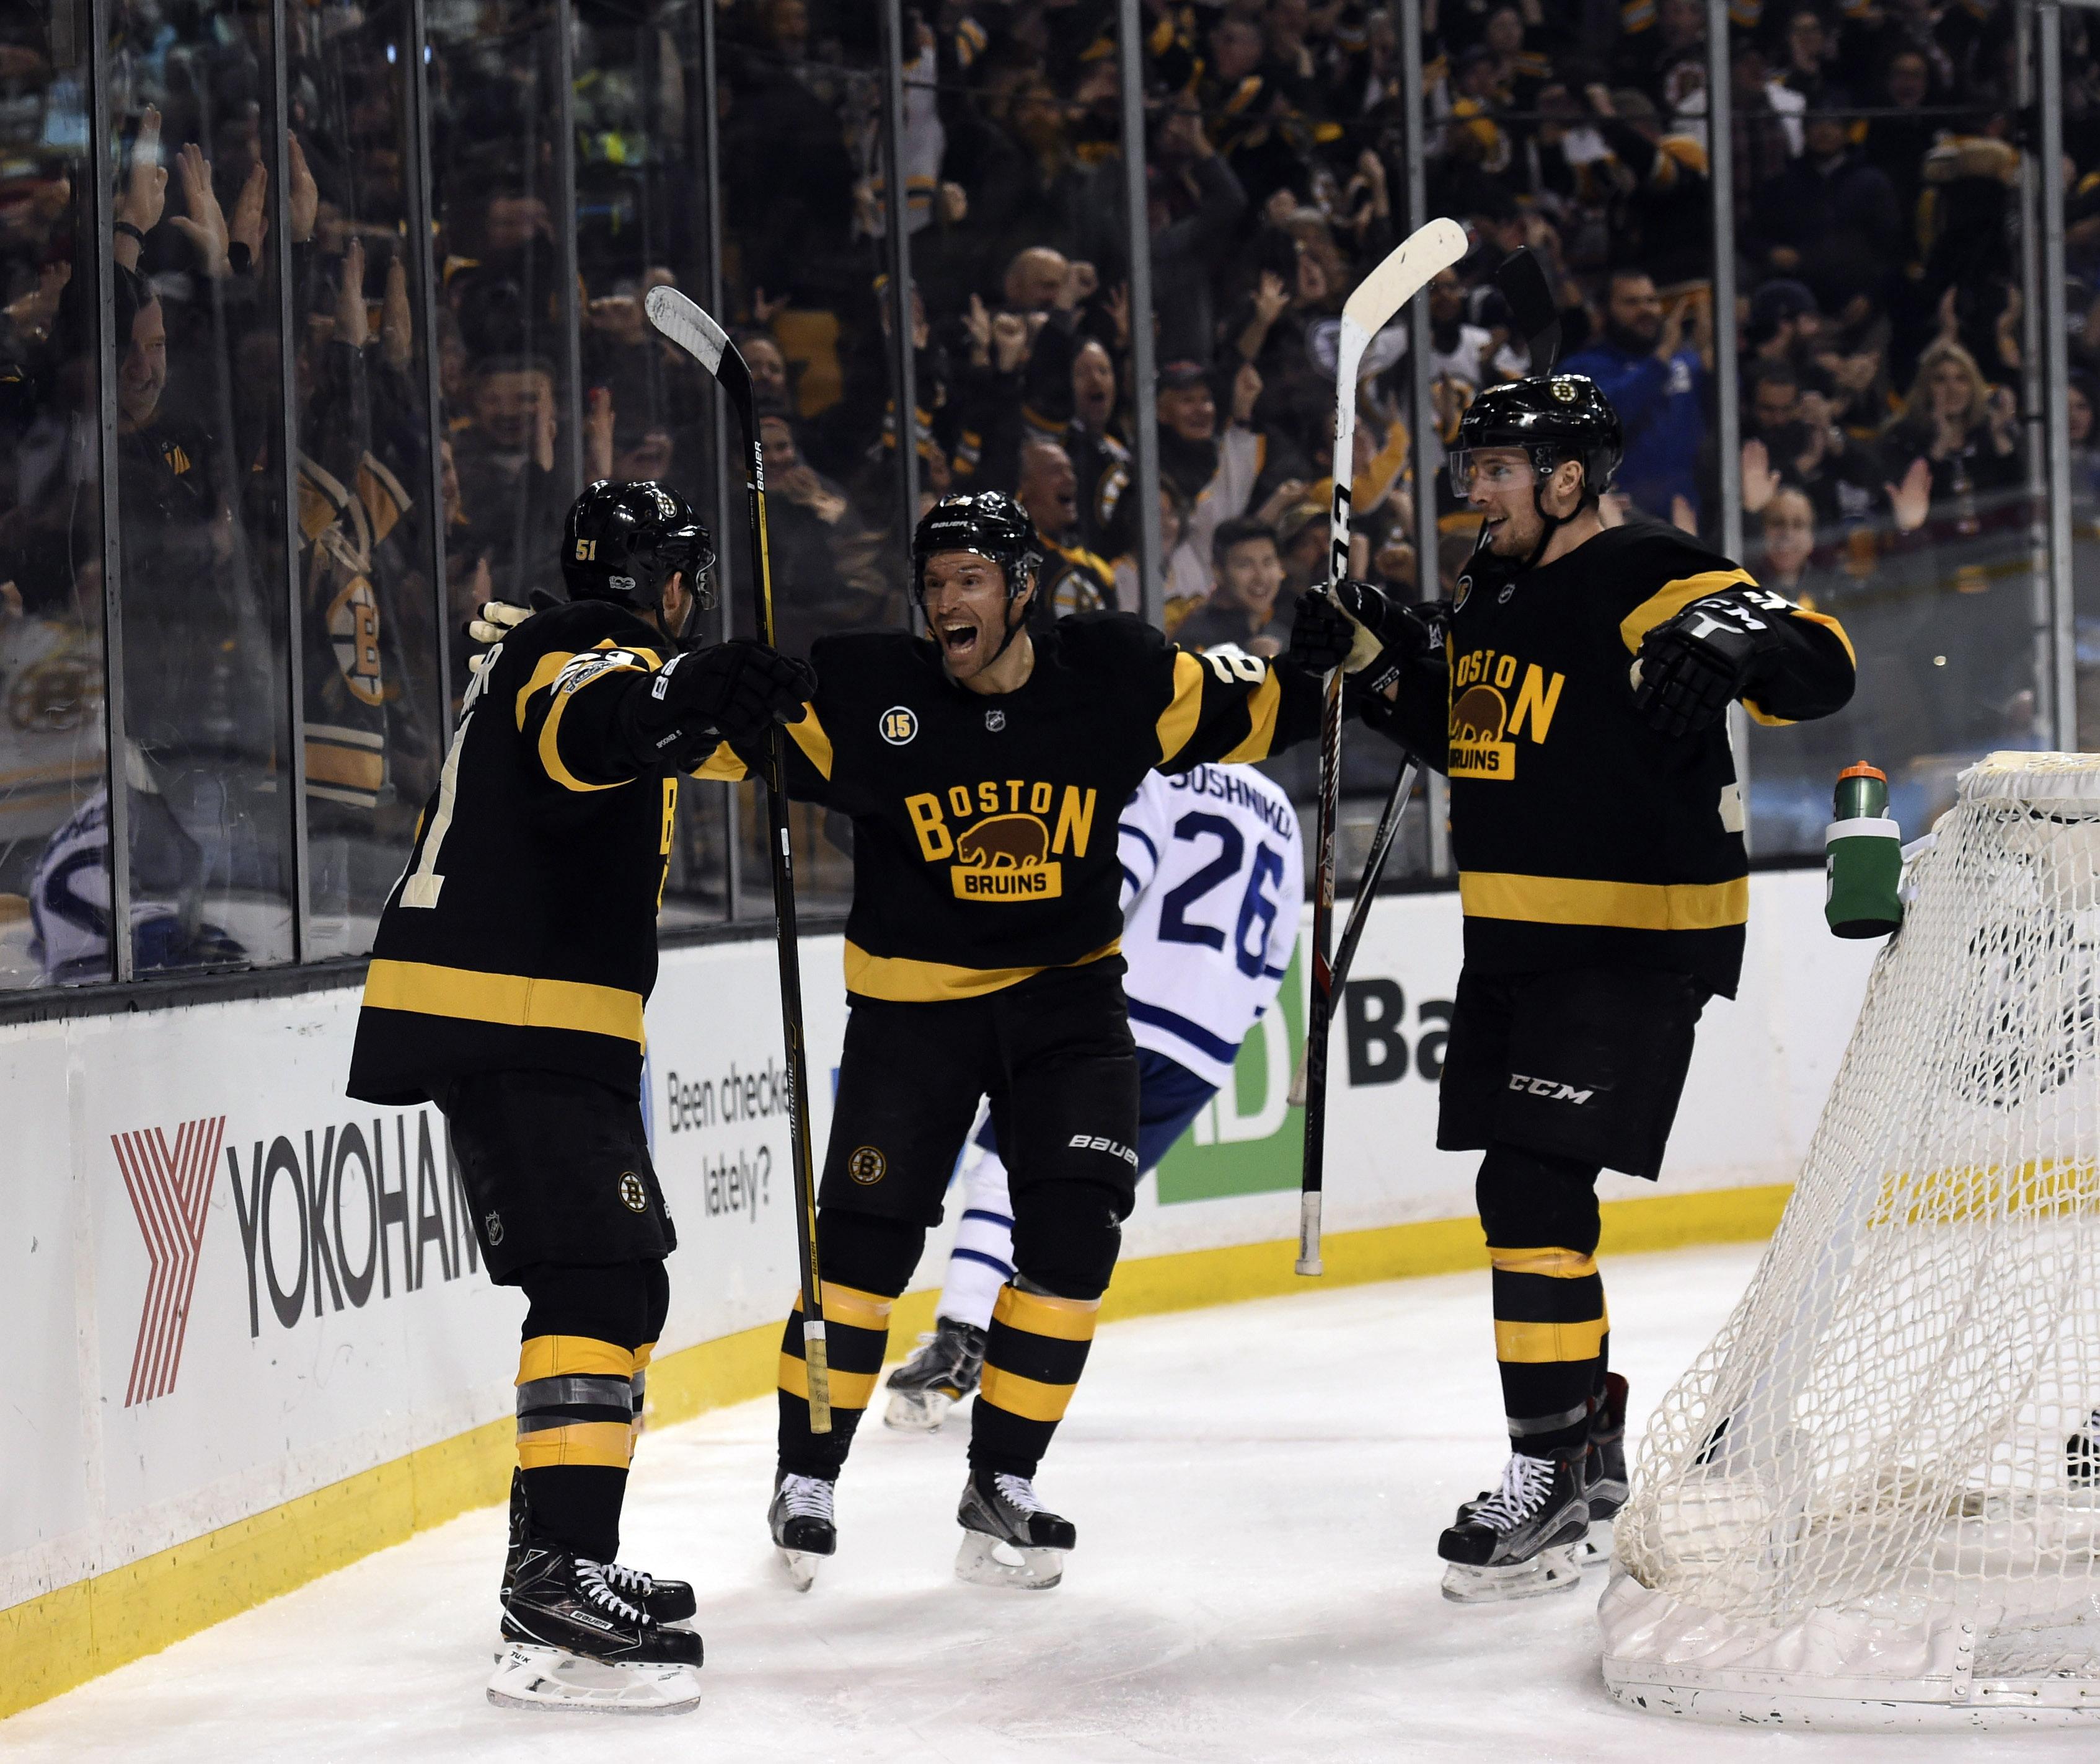 NHL Daily: Travis Hamonic, Ryan Spooner, Chicago Blackhawks